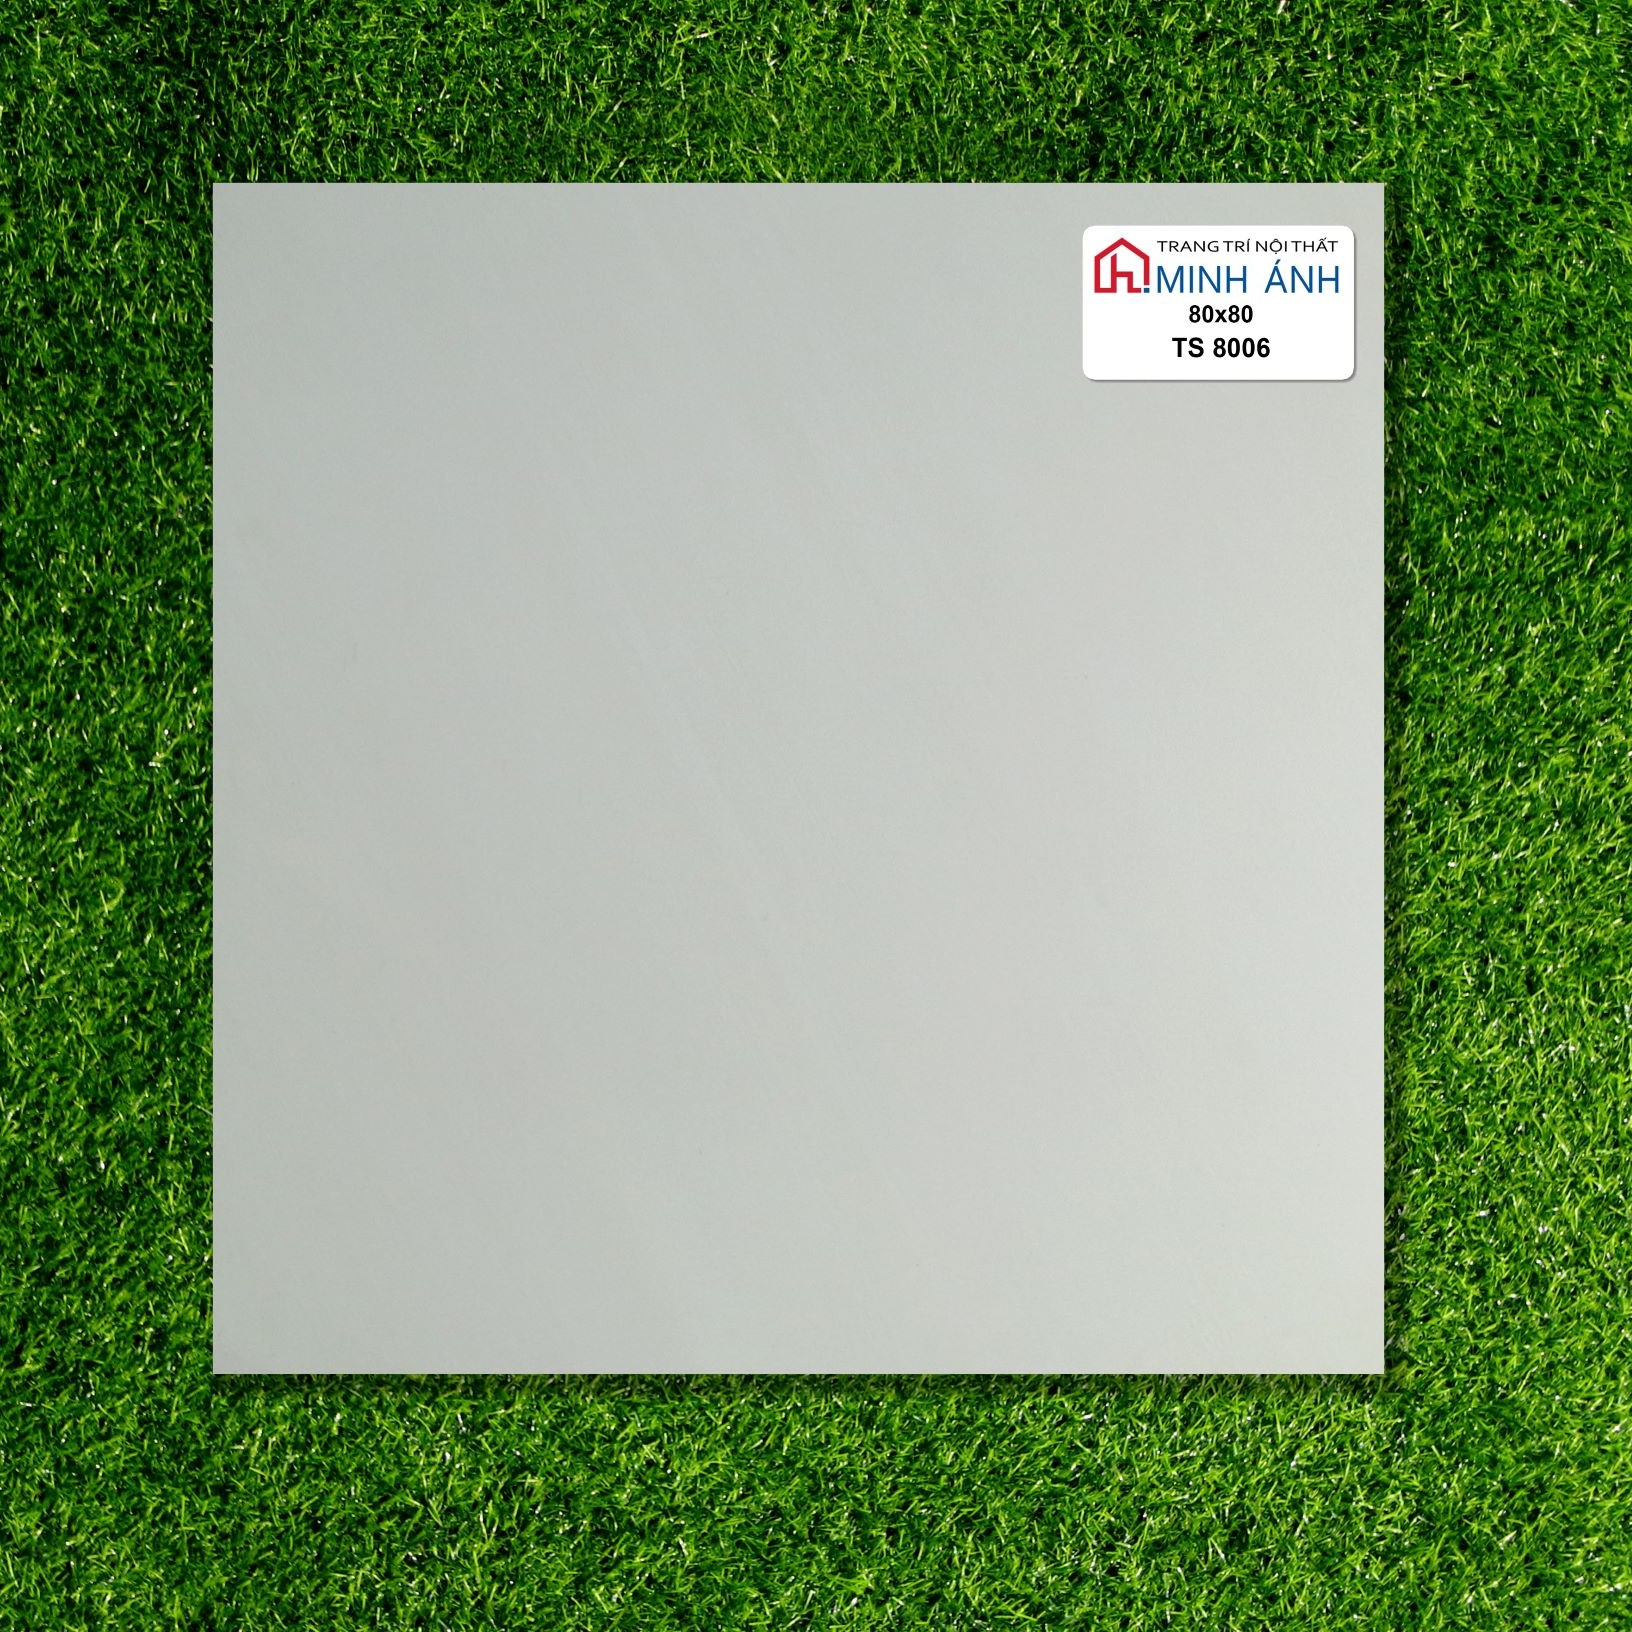 Gạch lót nền  80x80 đá bóng kính cao cấp Tasa 8006